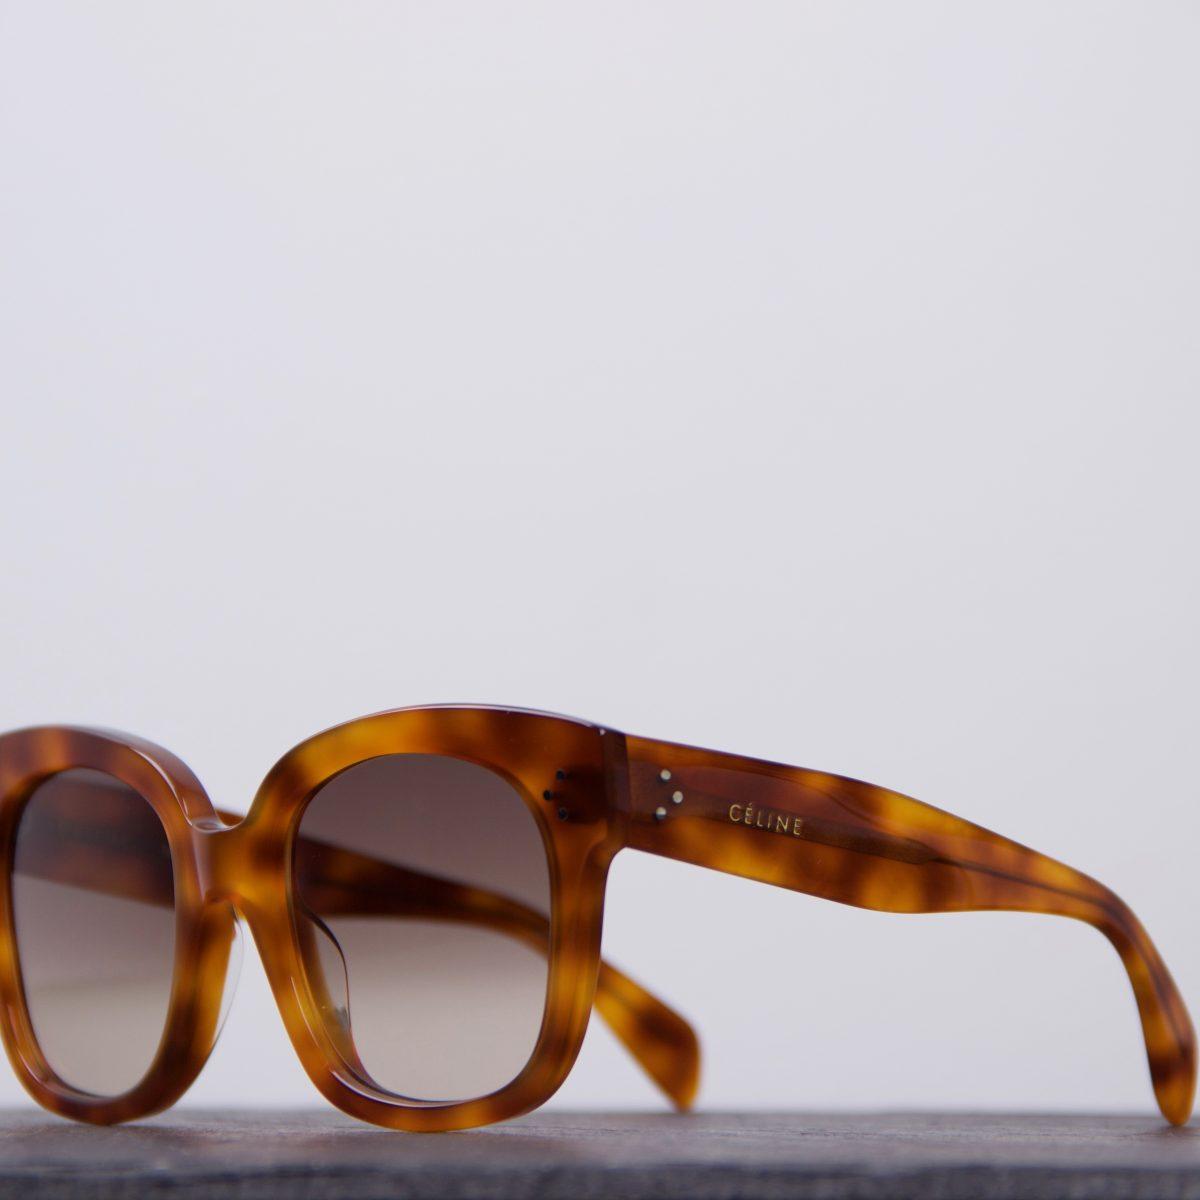 9ee8c3d83a4439 Acheter Céline, lunettes de soleil, Aix-en-Provence, Optique 27.